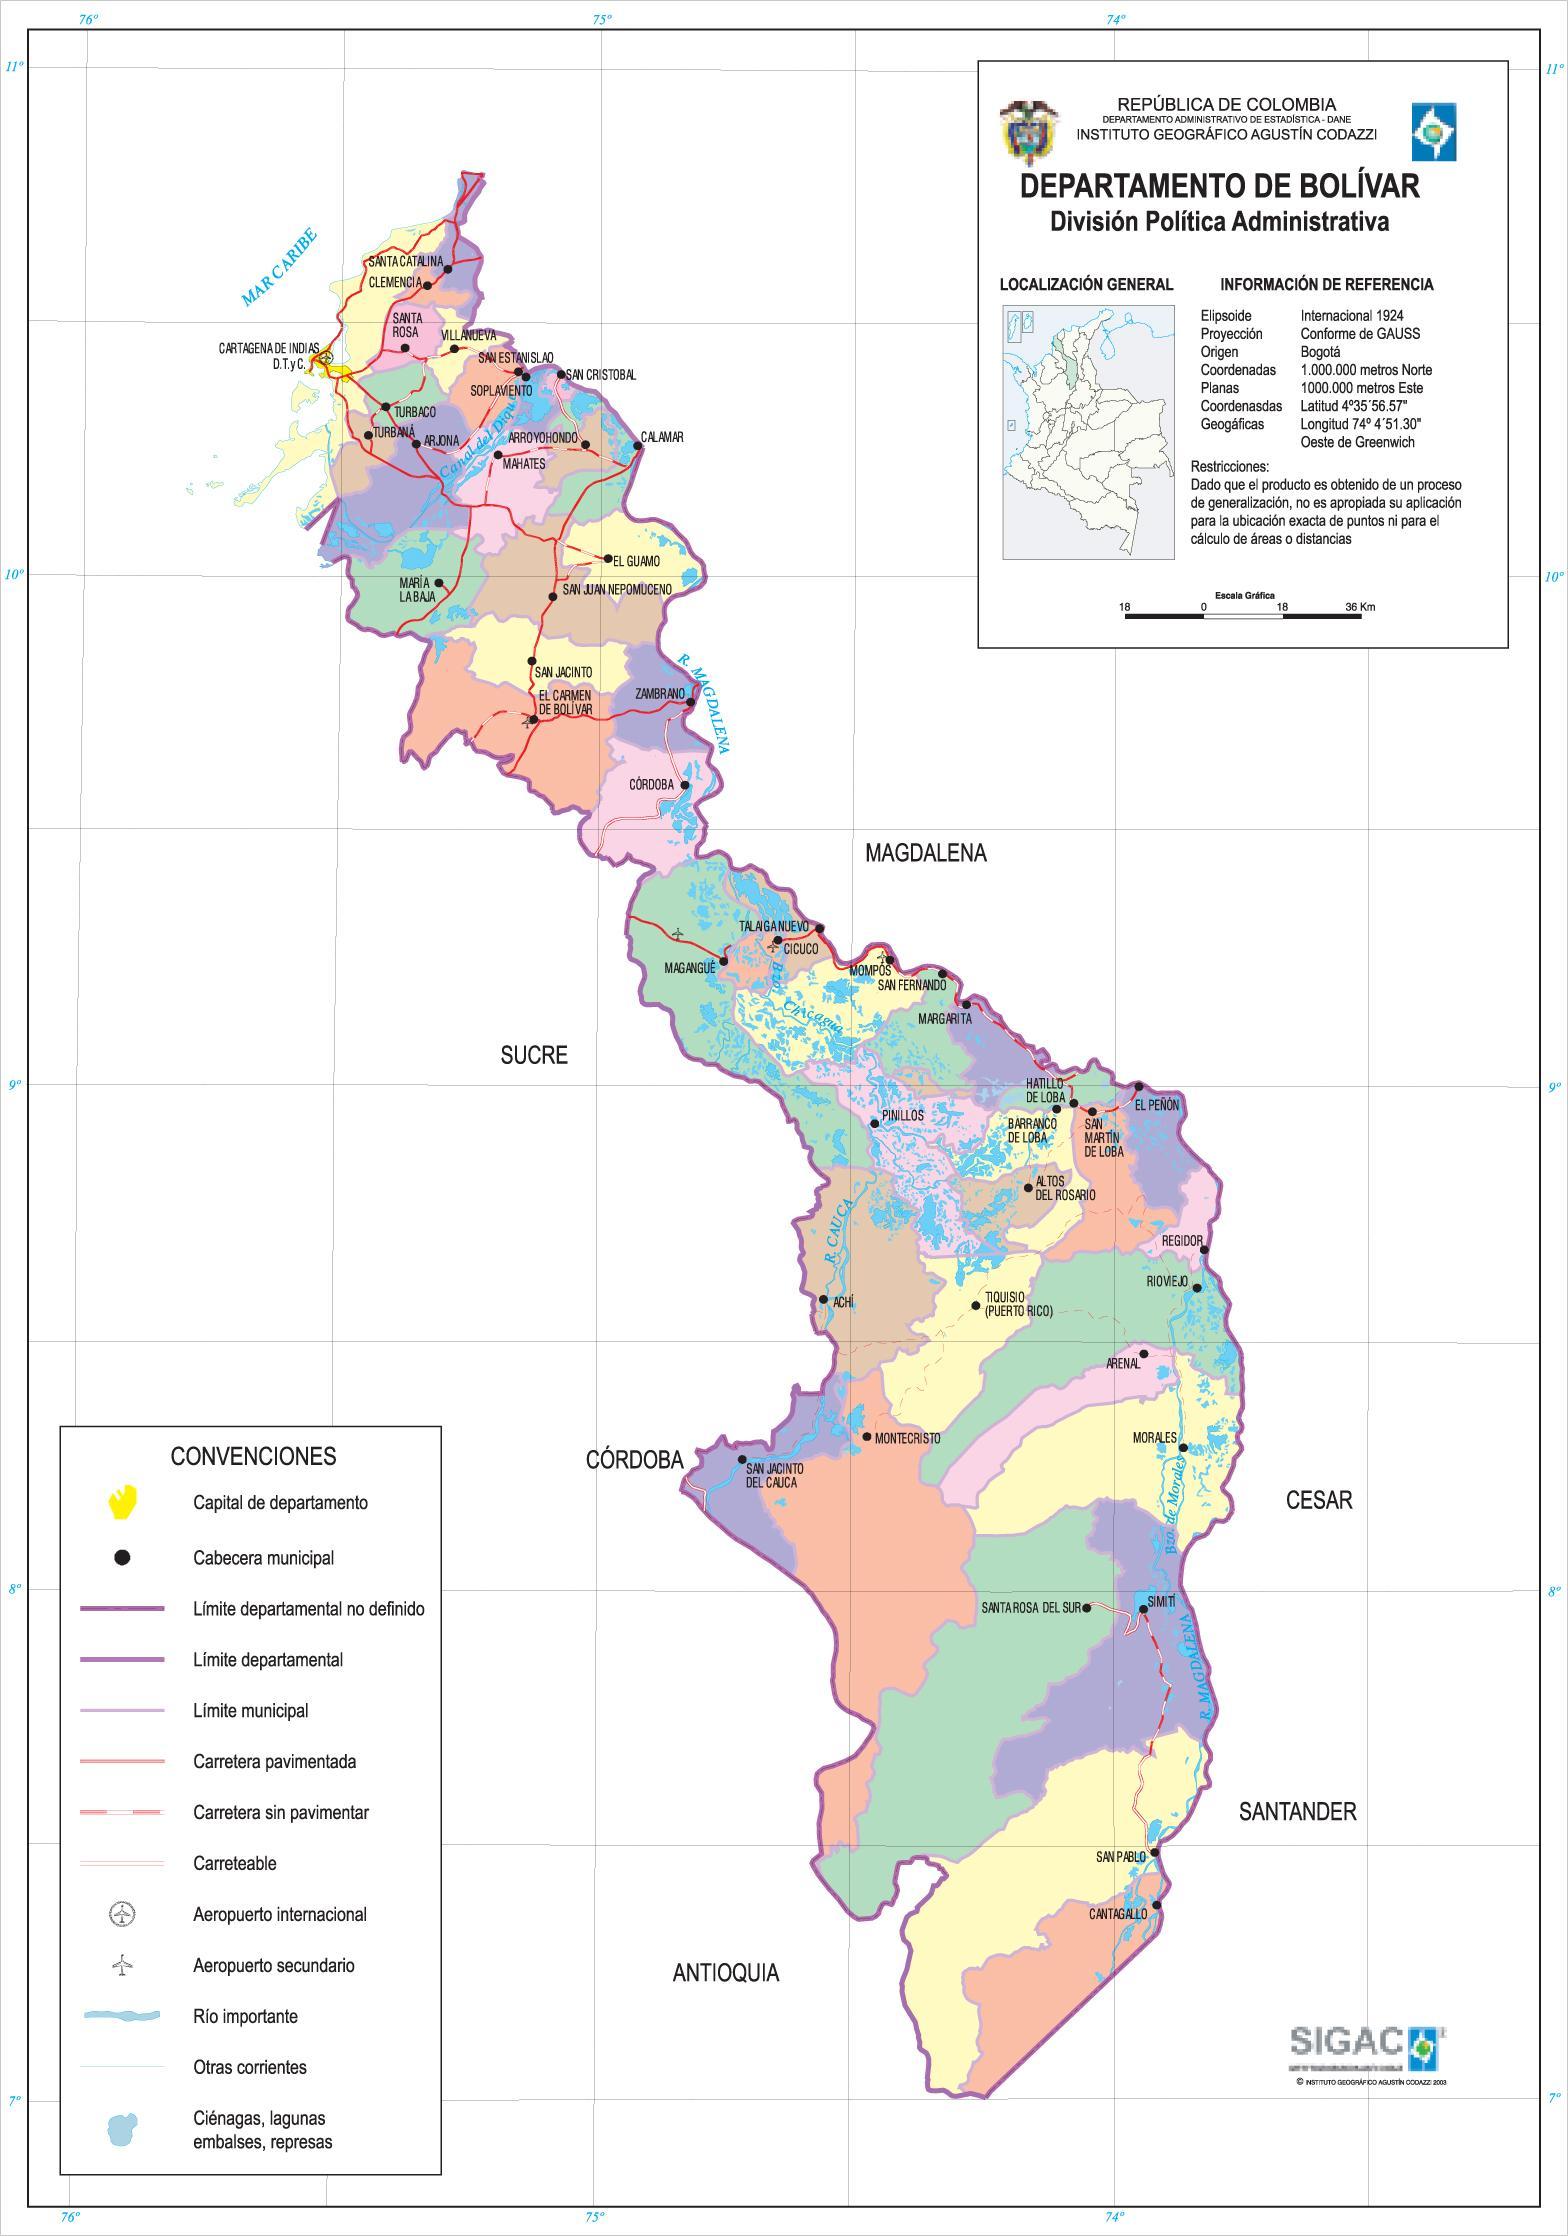 Mapa del Departamento de Bolívar, Colombia